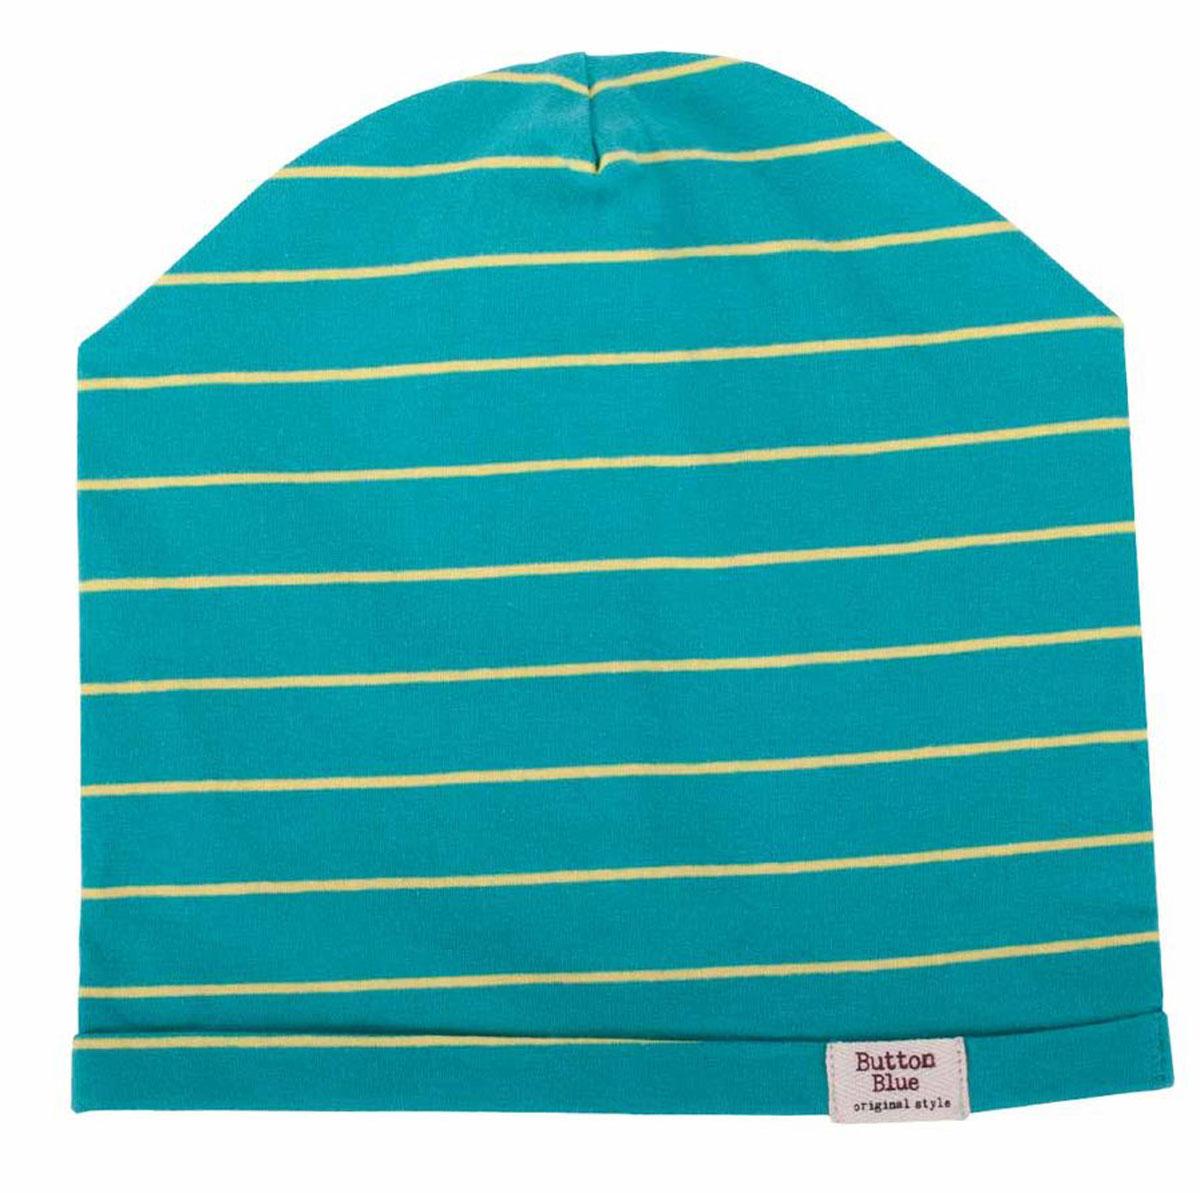 Шапка для мальчика Button Blue Main, цвет: бирюзовый. 117BBBX73012805. Размер 52, 6-8 лет117BBBX73012805Трикотажные шапки - важный атрибут повседневного гардероба! Они отлично согревают, а также украшают и завершают весенний комплект. Купить недорого шапку для мальчика от Button Blue, значит, позаботиться о здоровье, внешнем виде и комфорте ребенка.